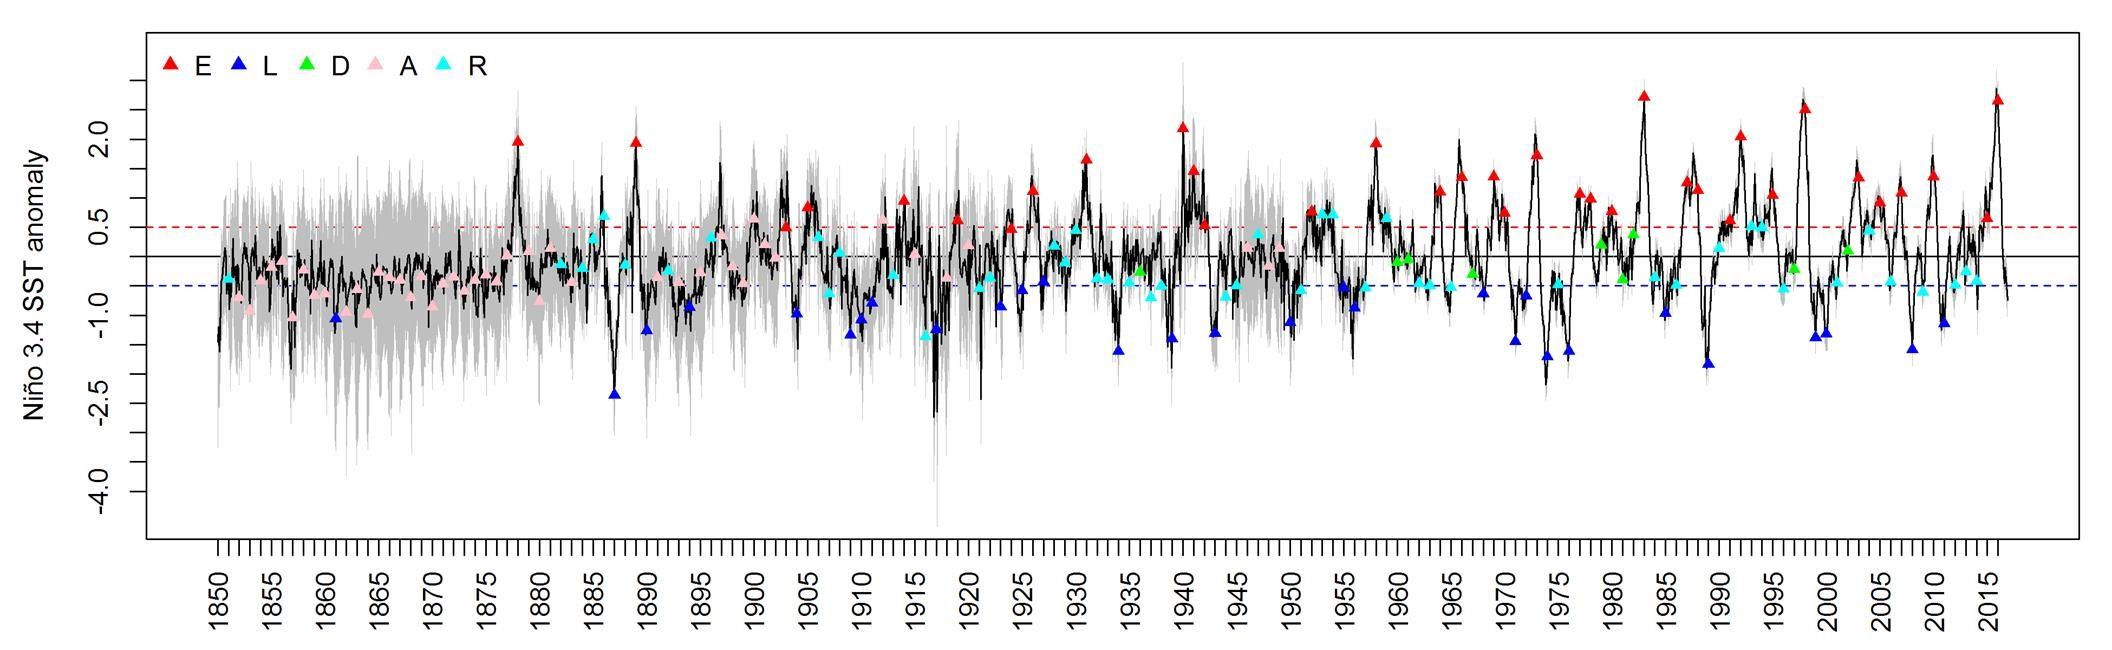 Ilyas et al 2017. Probabilistic El Nino Record